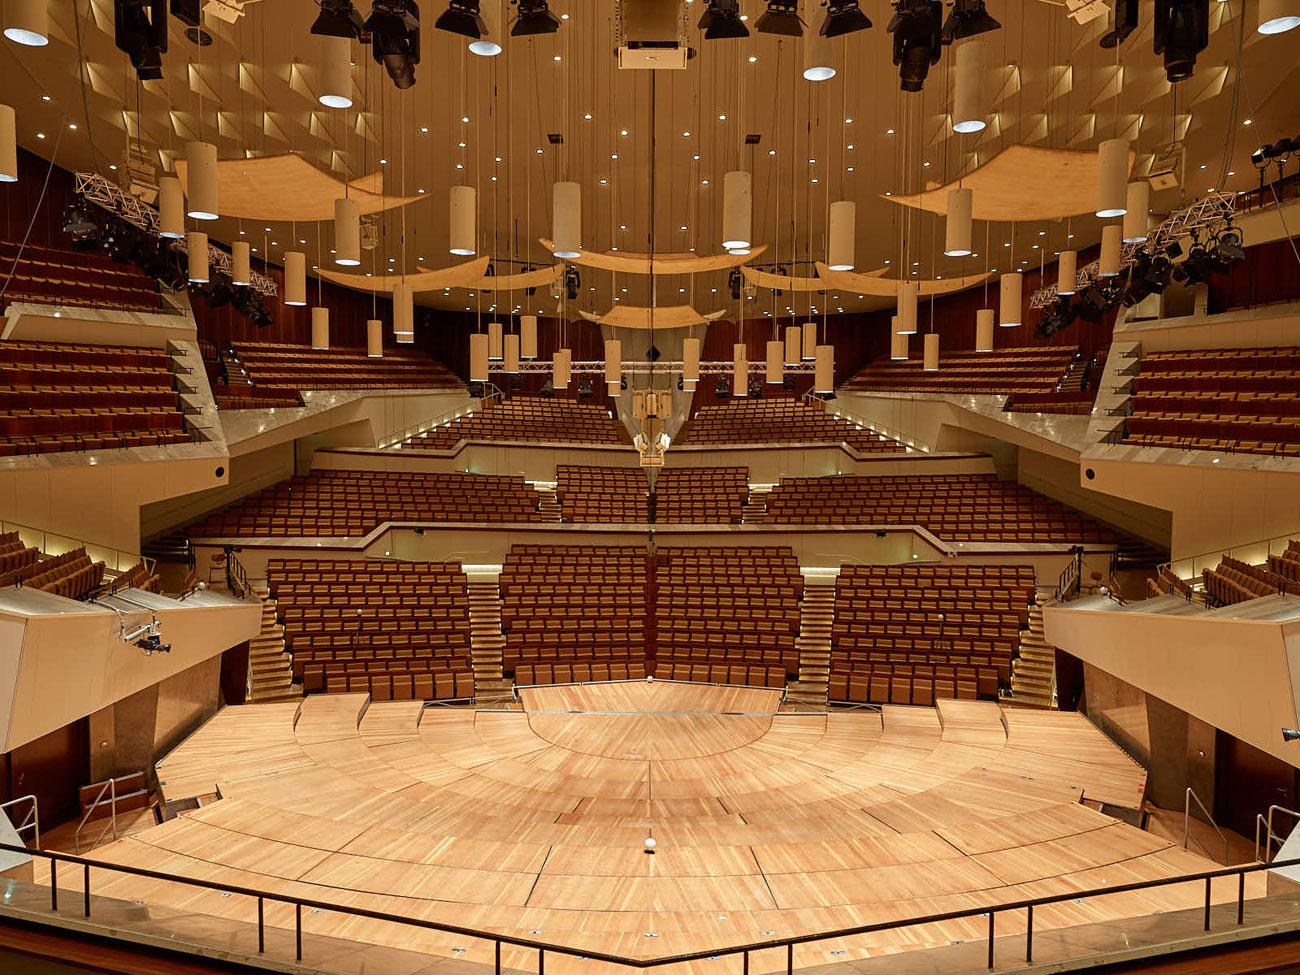 Philharmonie interior